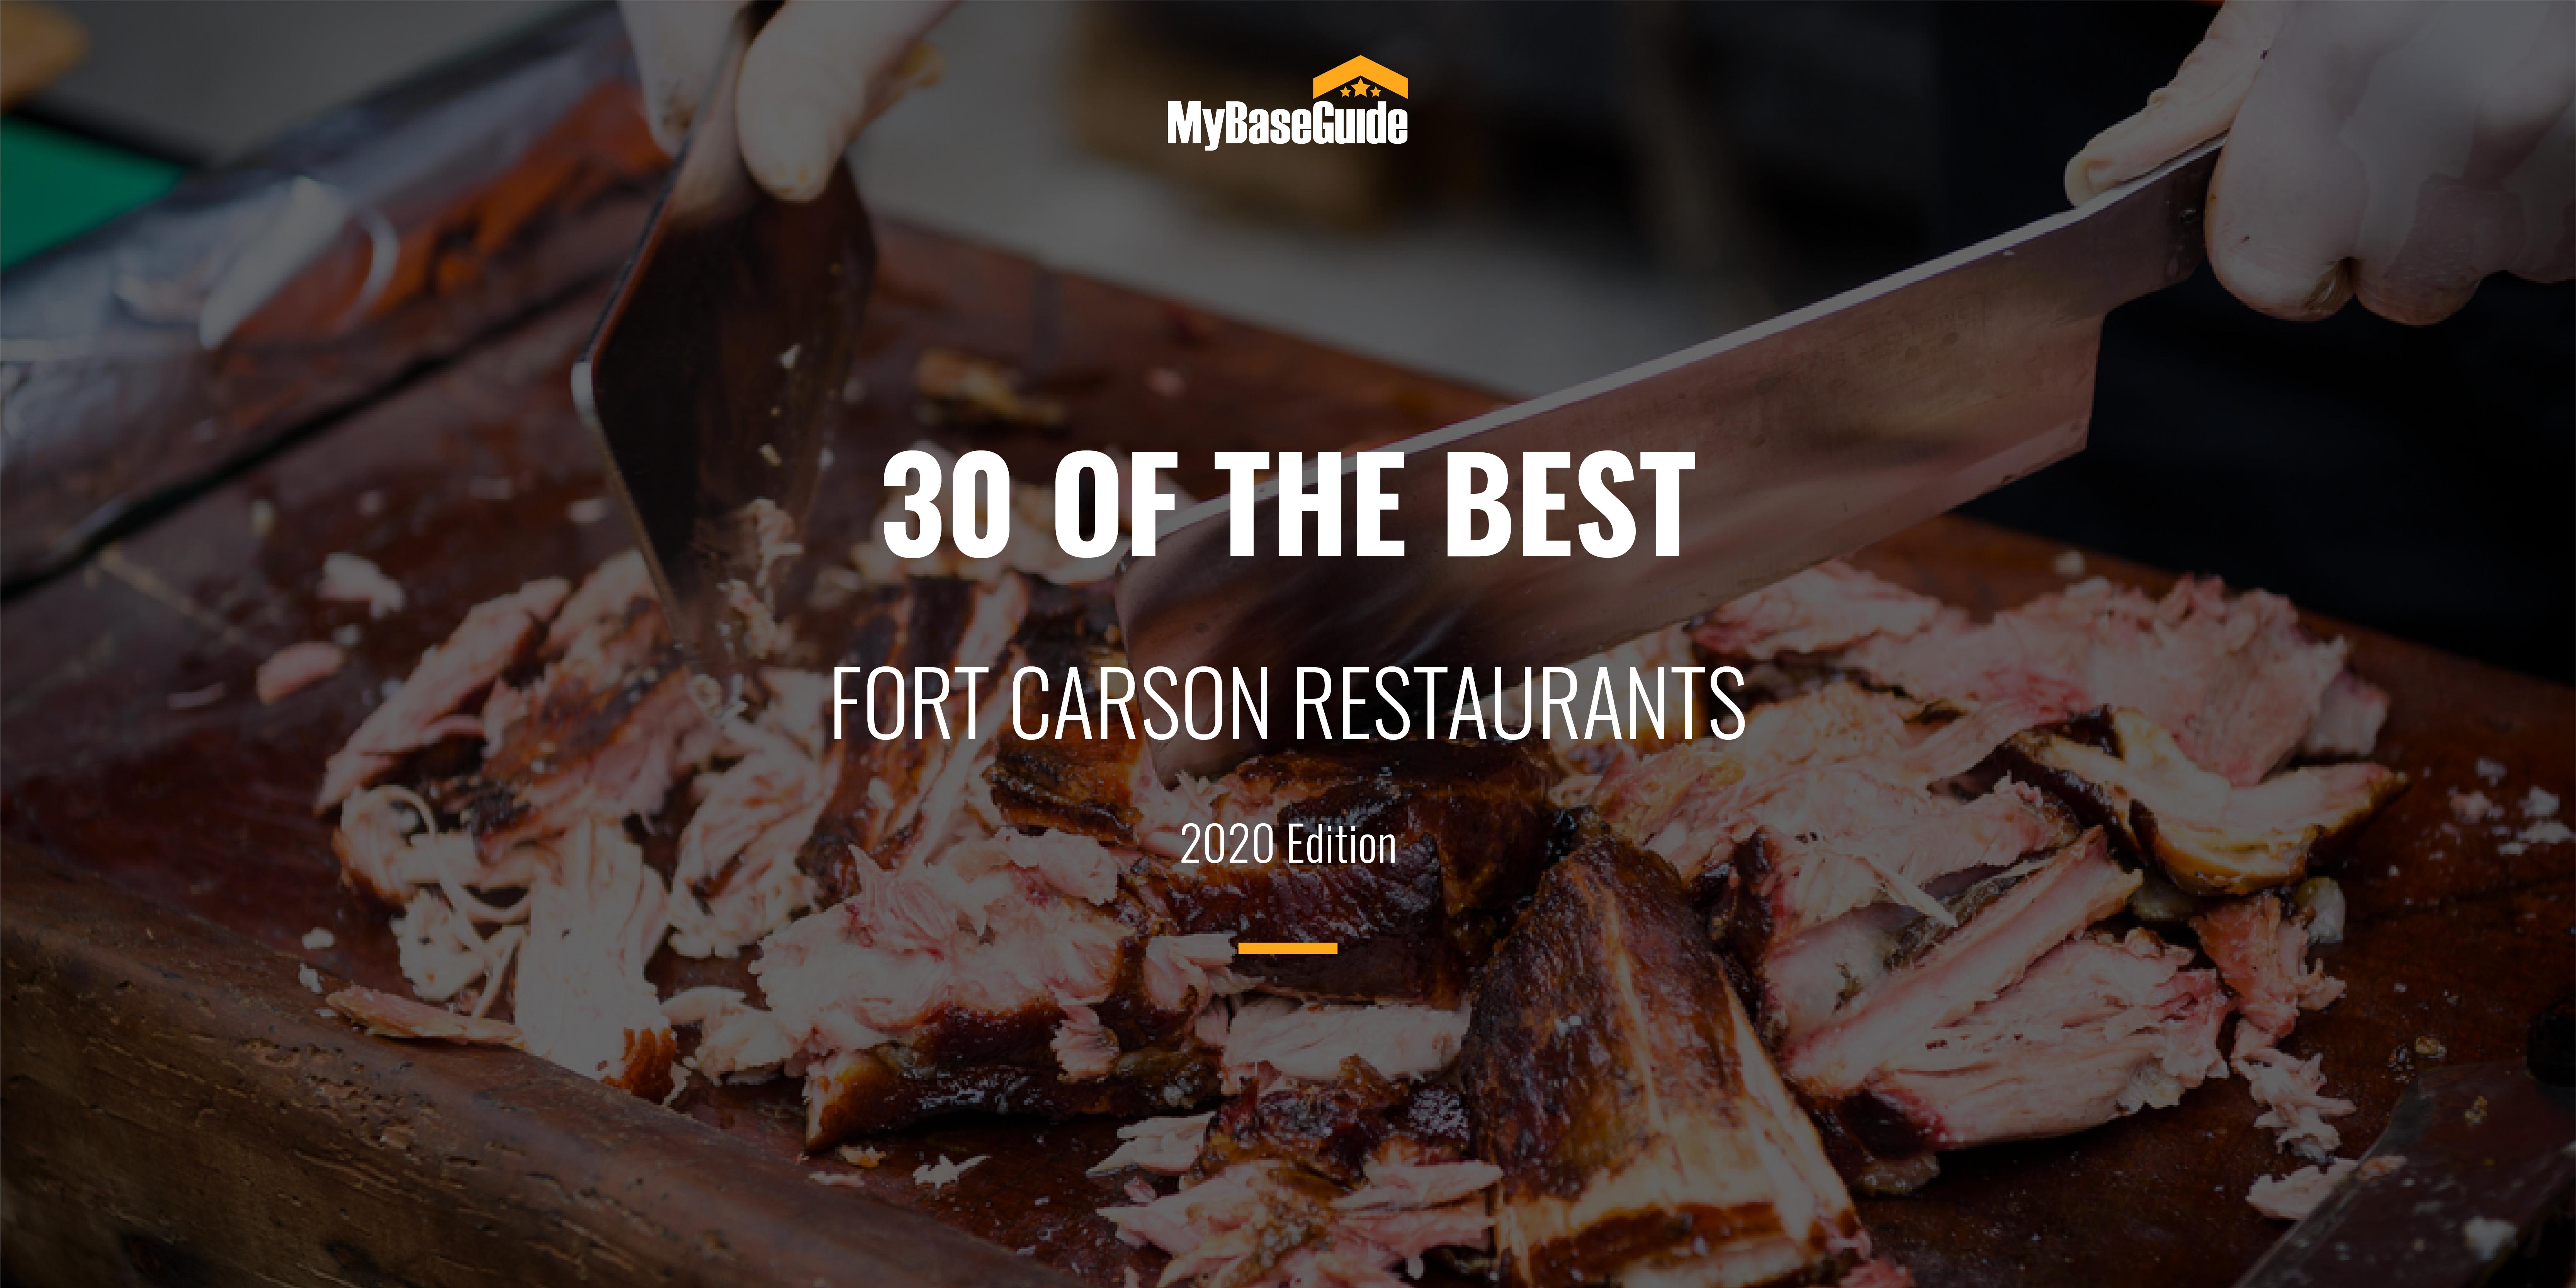 Fort Carson Restaurants